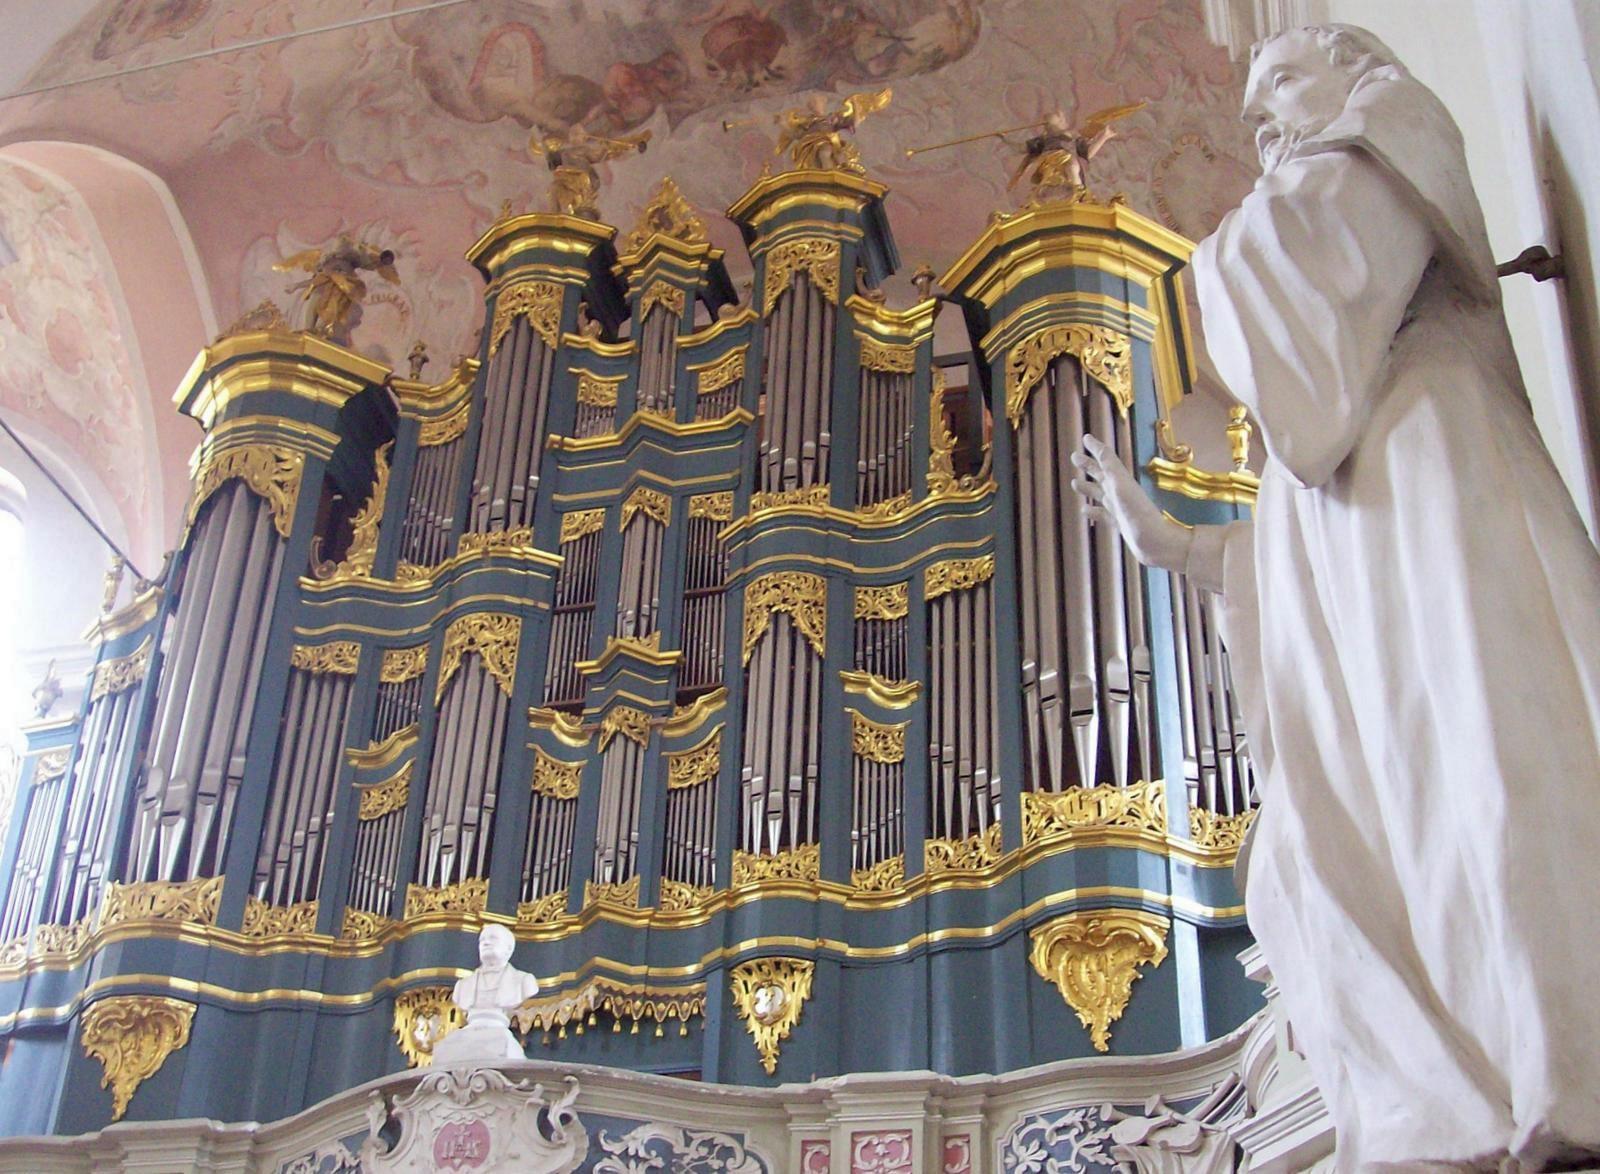 Orgel von St. Johannis - Vilnius - Litauen